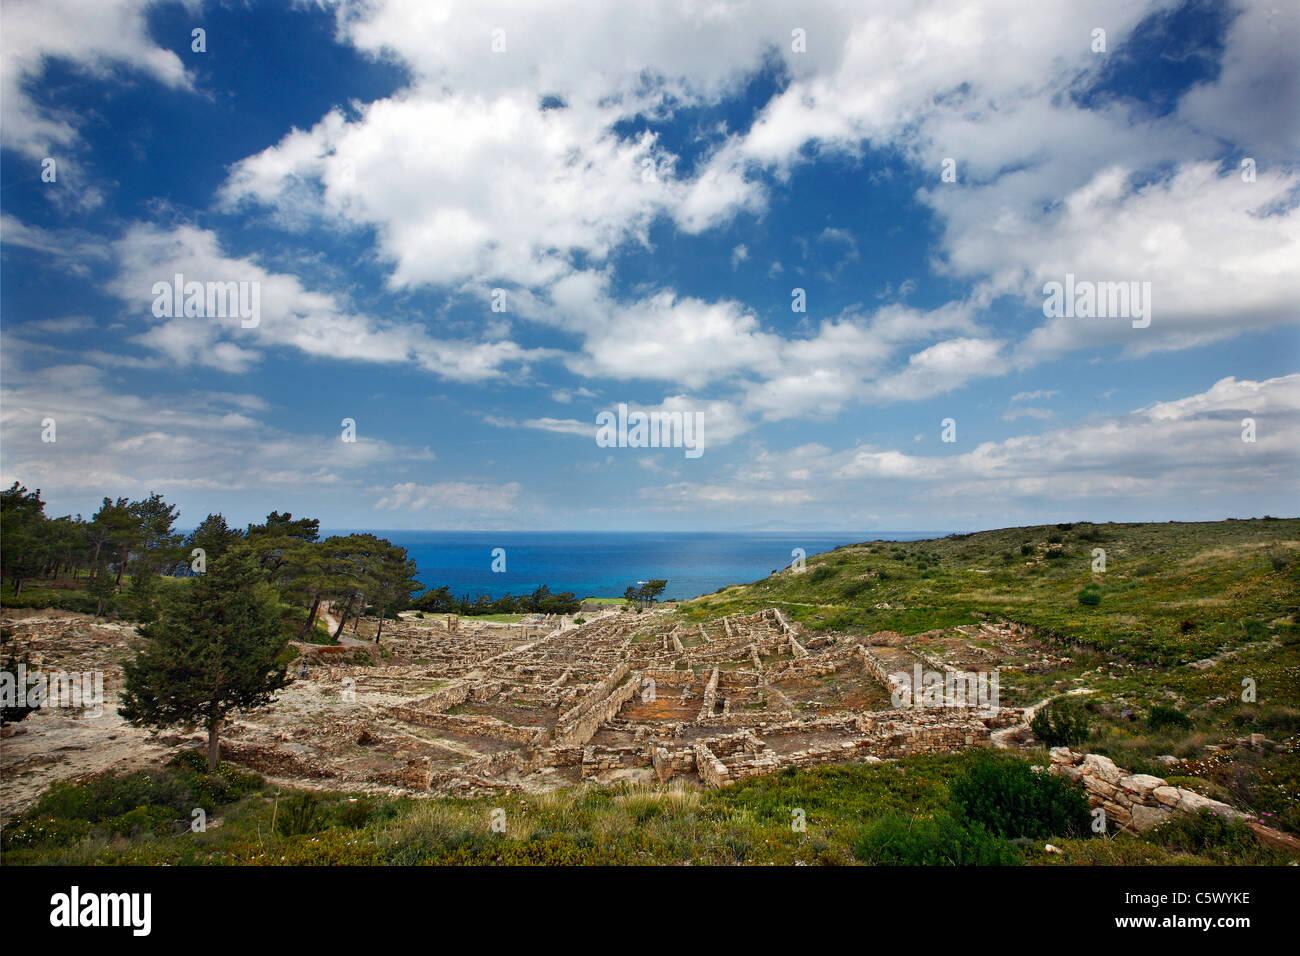 Blick auf die archäologische Stätte des antiken Kamiros, eines der 3 großen antiken Städte der Stockbild